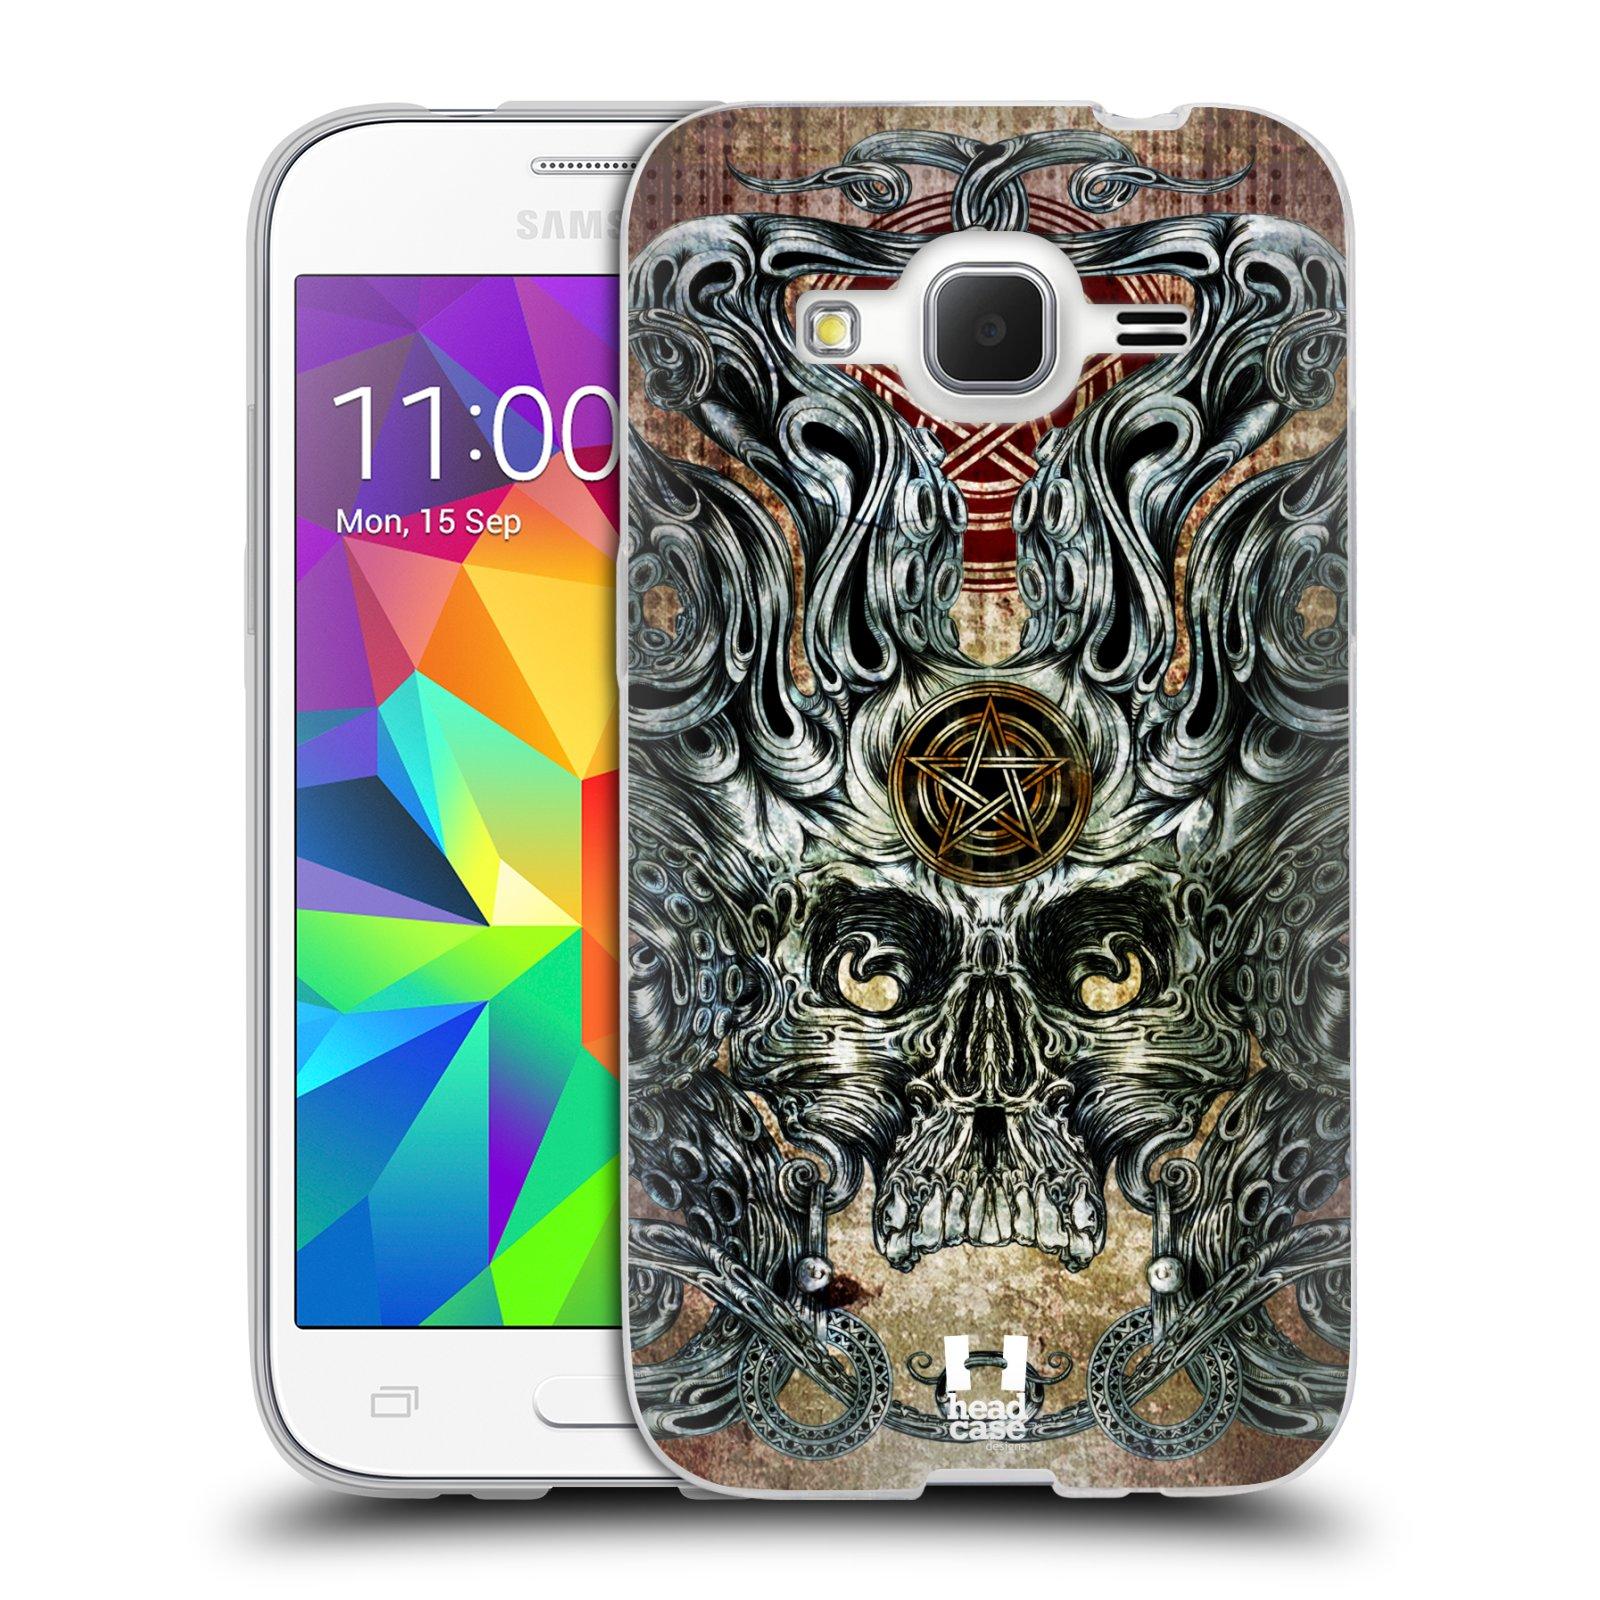 HEAD CASE silikonový obal na mobil Samsung Galaxy Core Prime (G360) vzor Kreslené lebky METAL chobotnice